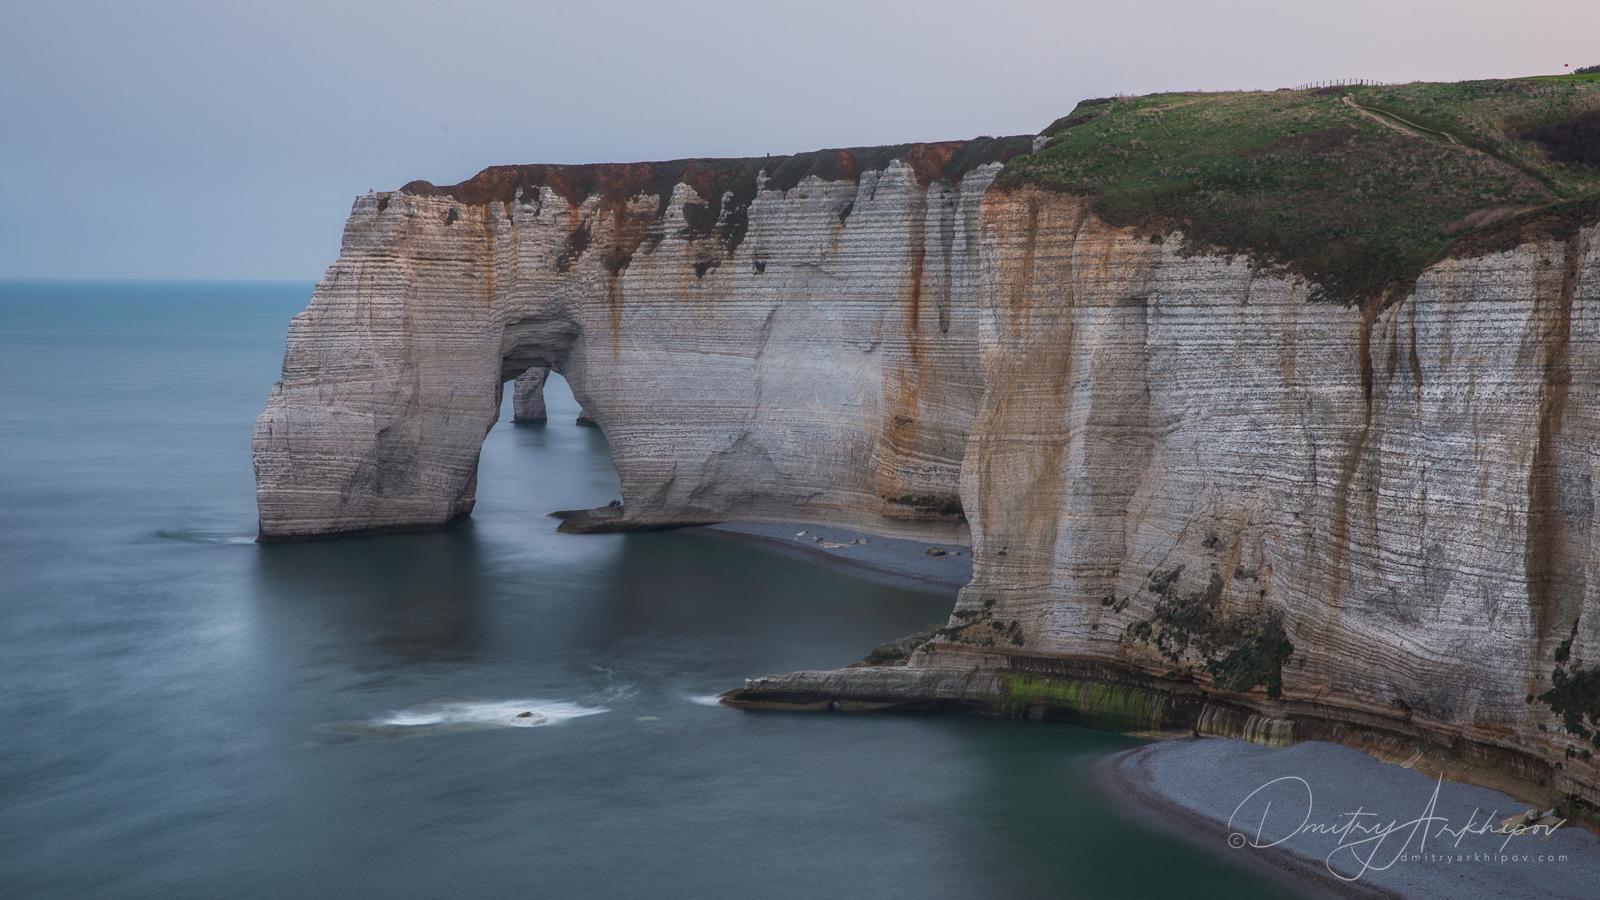 Меловые арки Нормандии ранним утром